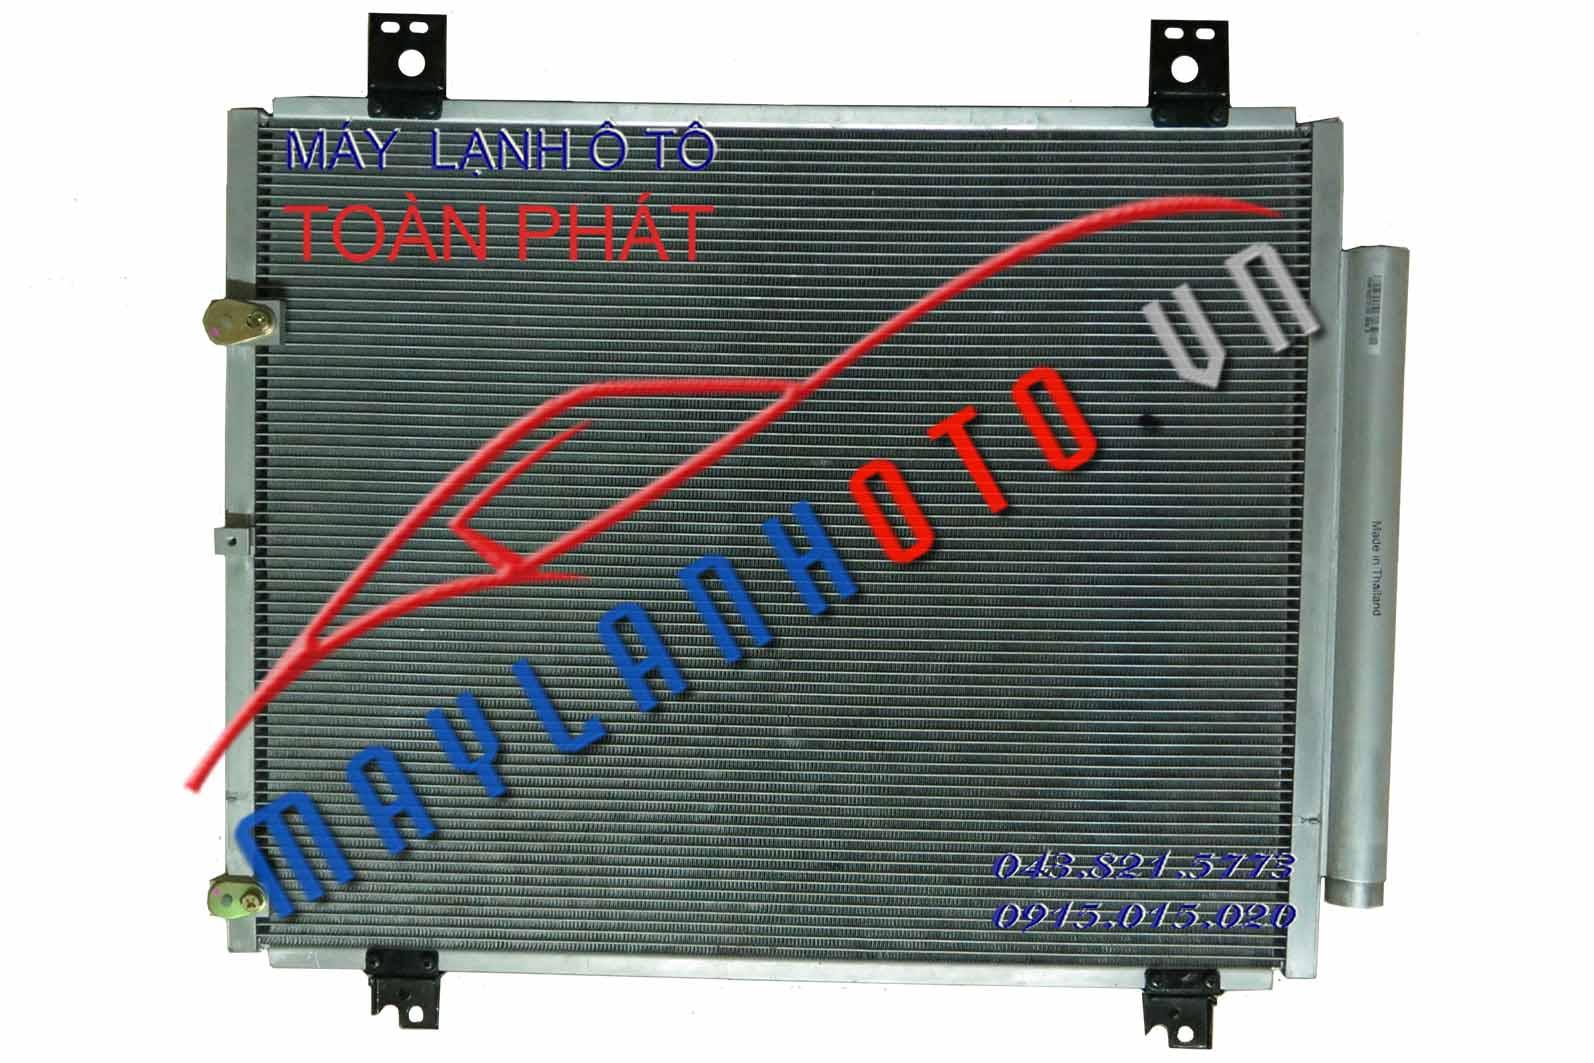 Hiace 2007 / Giàn nóng điều hòa Toyota Hiace 2007